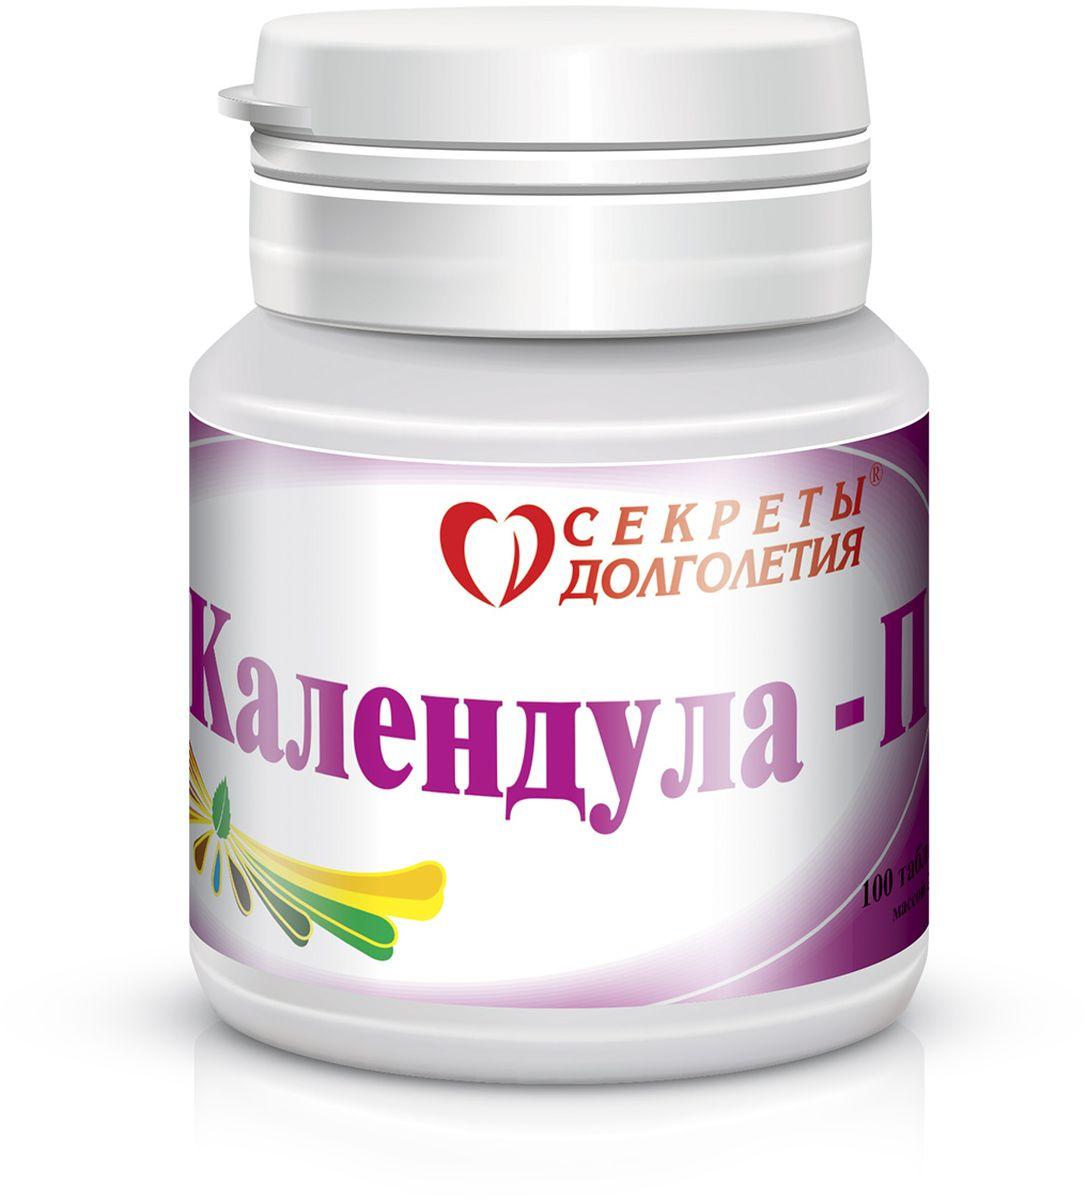 Календула П Секреты долголетия, 0,205 г, №100211679Препараты календулы ускоряют процессы регенерации тканей, ускоряют рост и улучшают качество грануляций, способствуют более быстрой эпителизации и формированию более нежного рубца. При применении внутрь препараты календулы также проявляют свою противовоспалительную активность, способствуют регенерации слизистых оболочек желудка и кишечника, заживлению язв и эрозий.